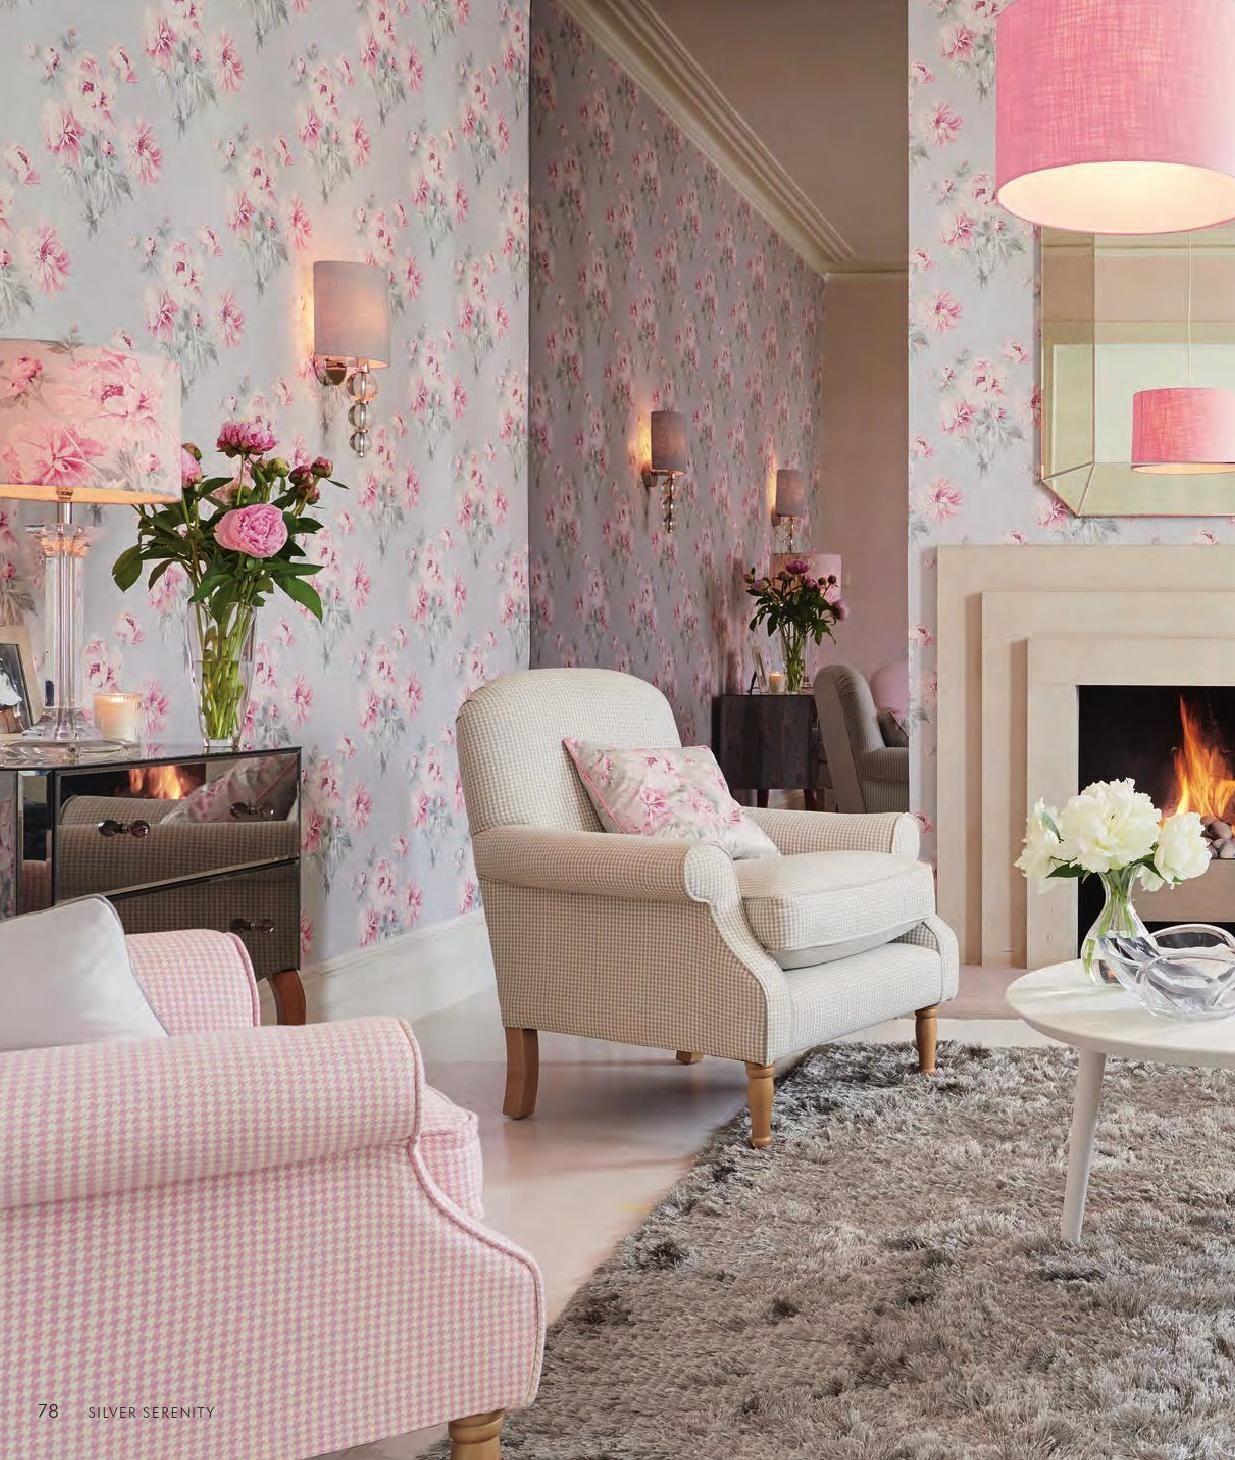 laura ashley spring summer 2016 catalog pinterest. Black Bedroom Furniture Sets. Home Design Ideas